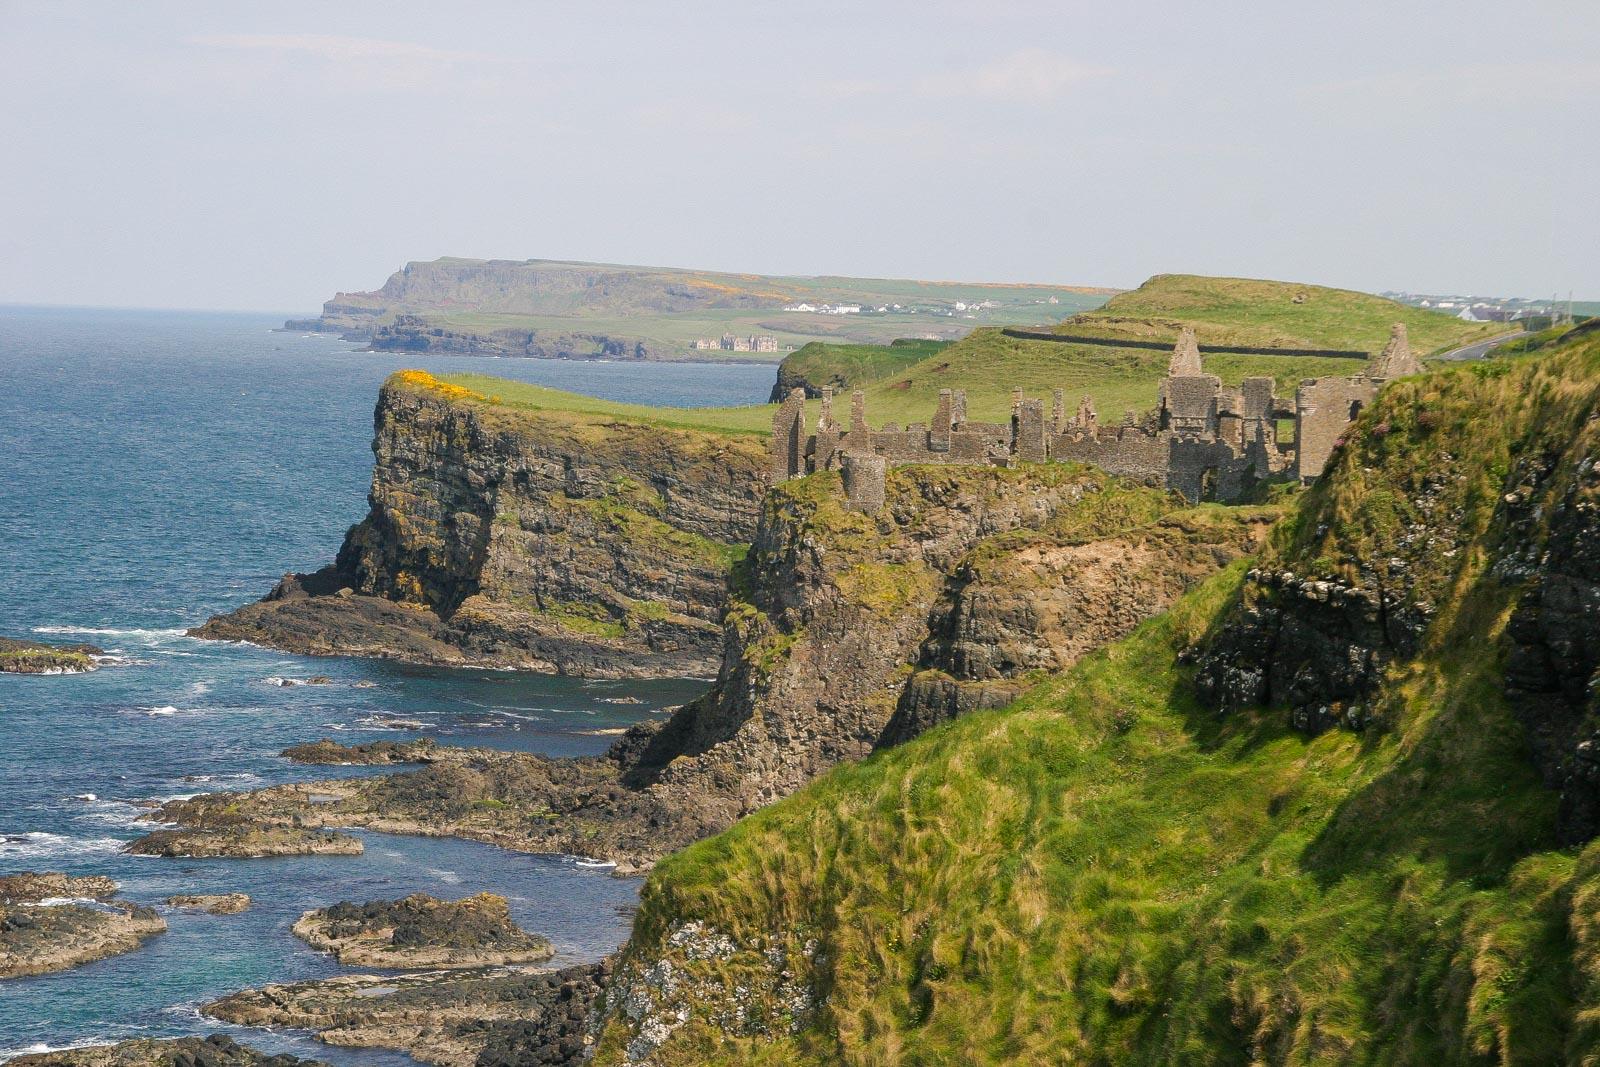 Die Küste in Nordirland ist einfach atemberaubend schön.